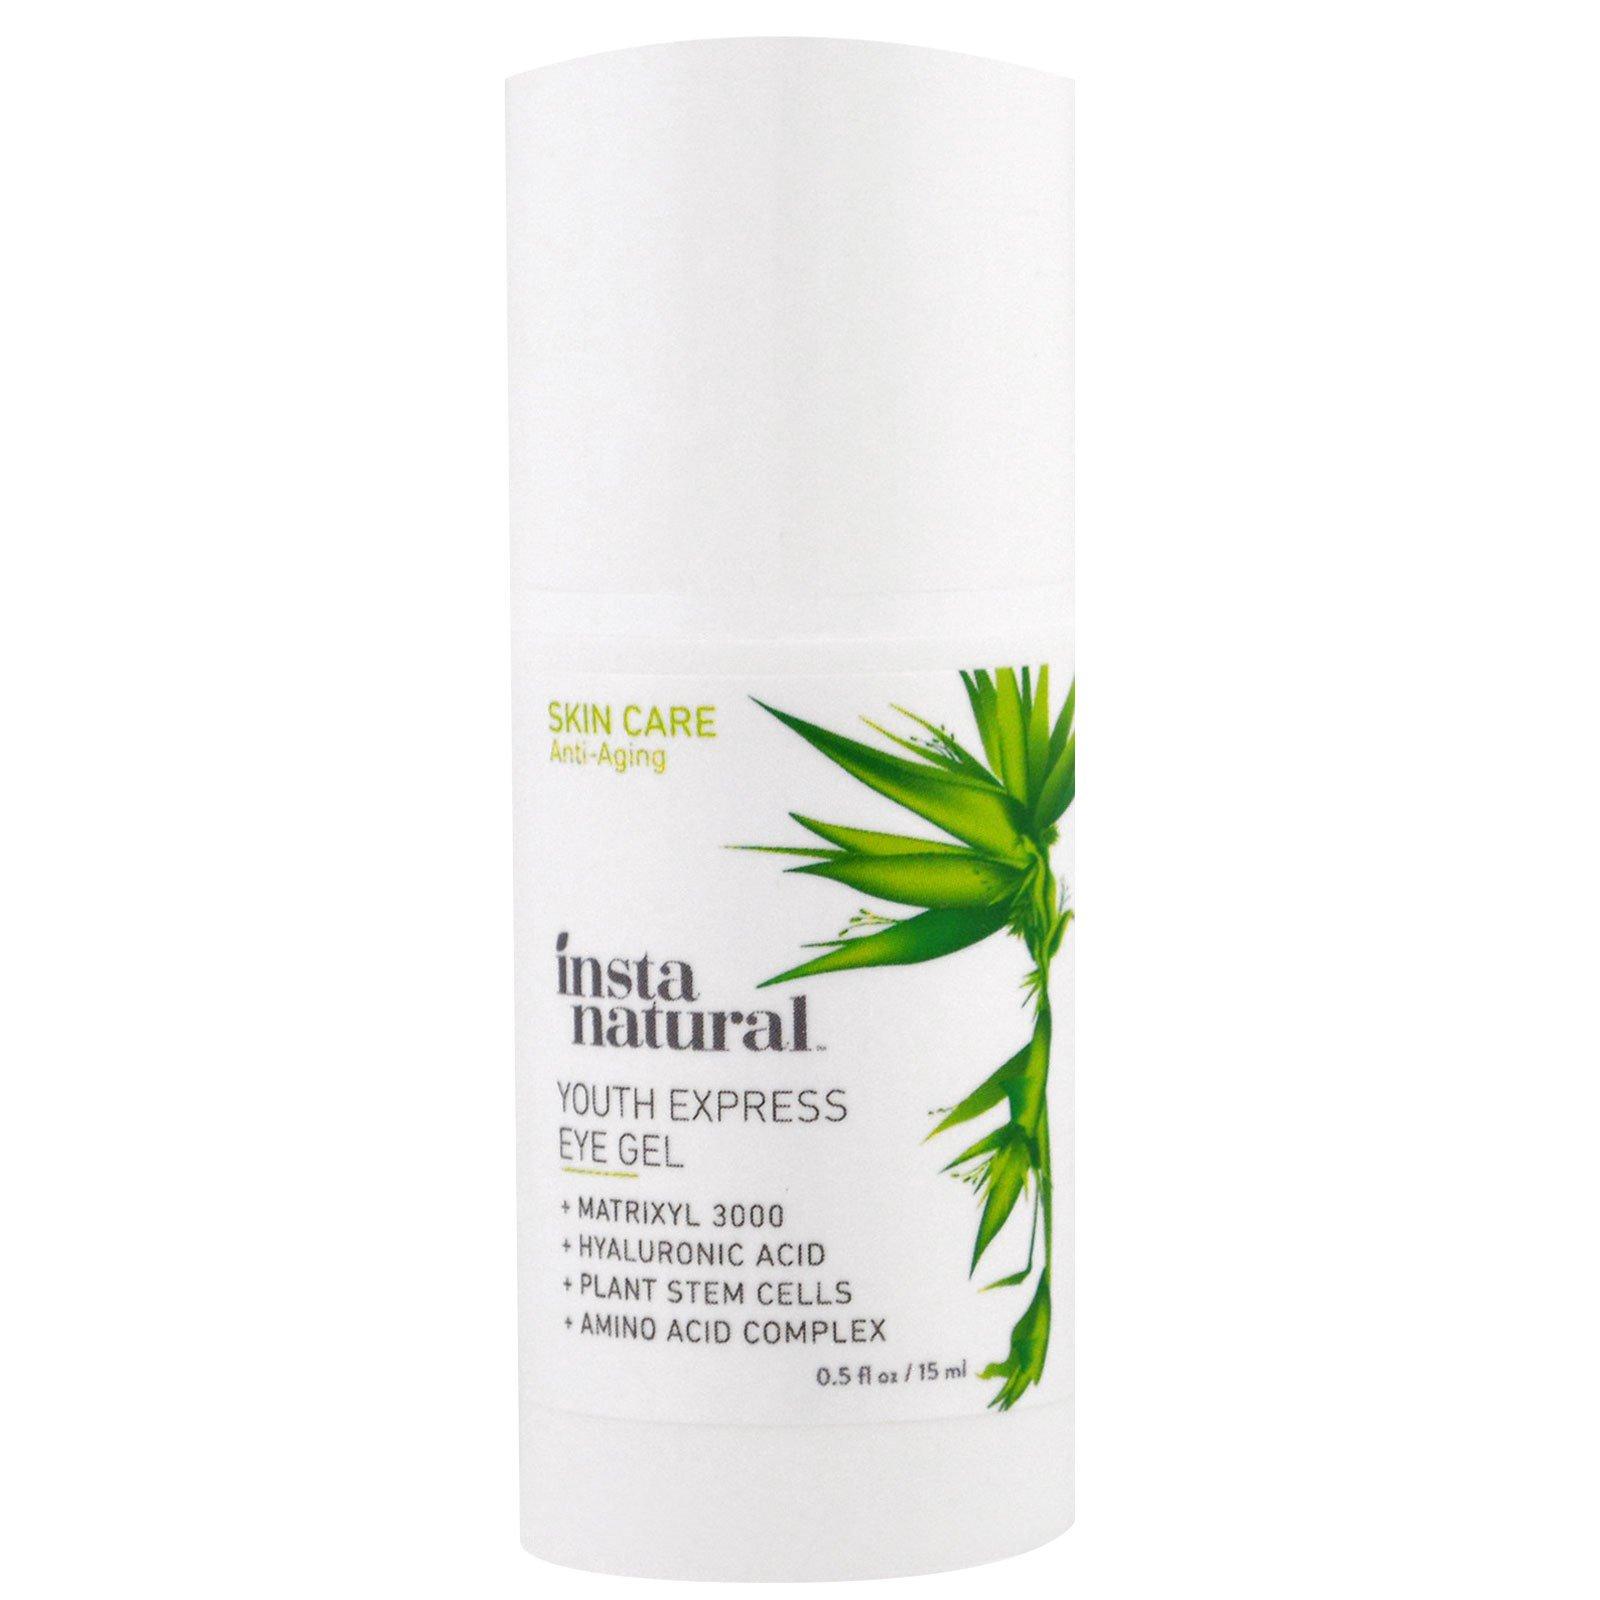 InstaNatural, Крем-гель для глаз с гиалуроновой кислоты + растительные стволовые клетки, 0,5 мл (15 мл)